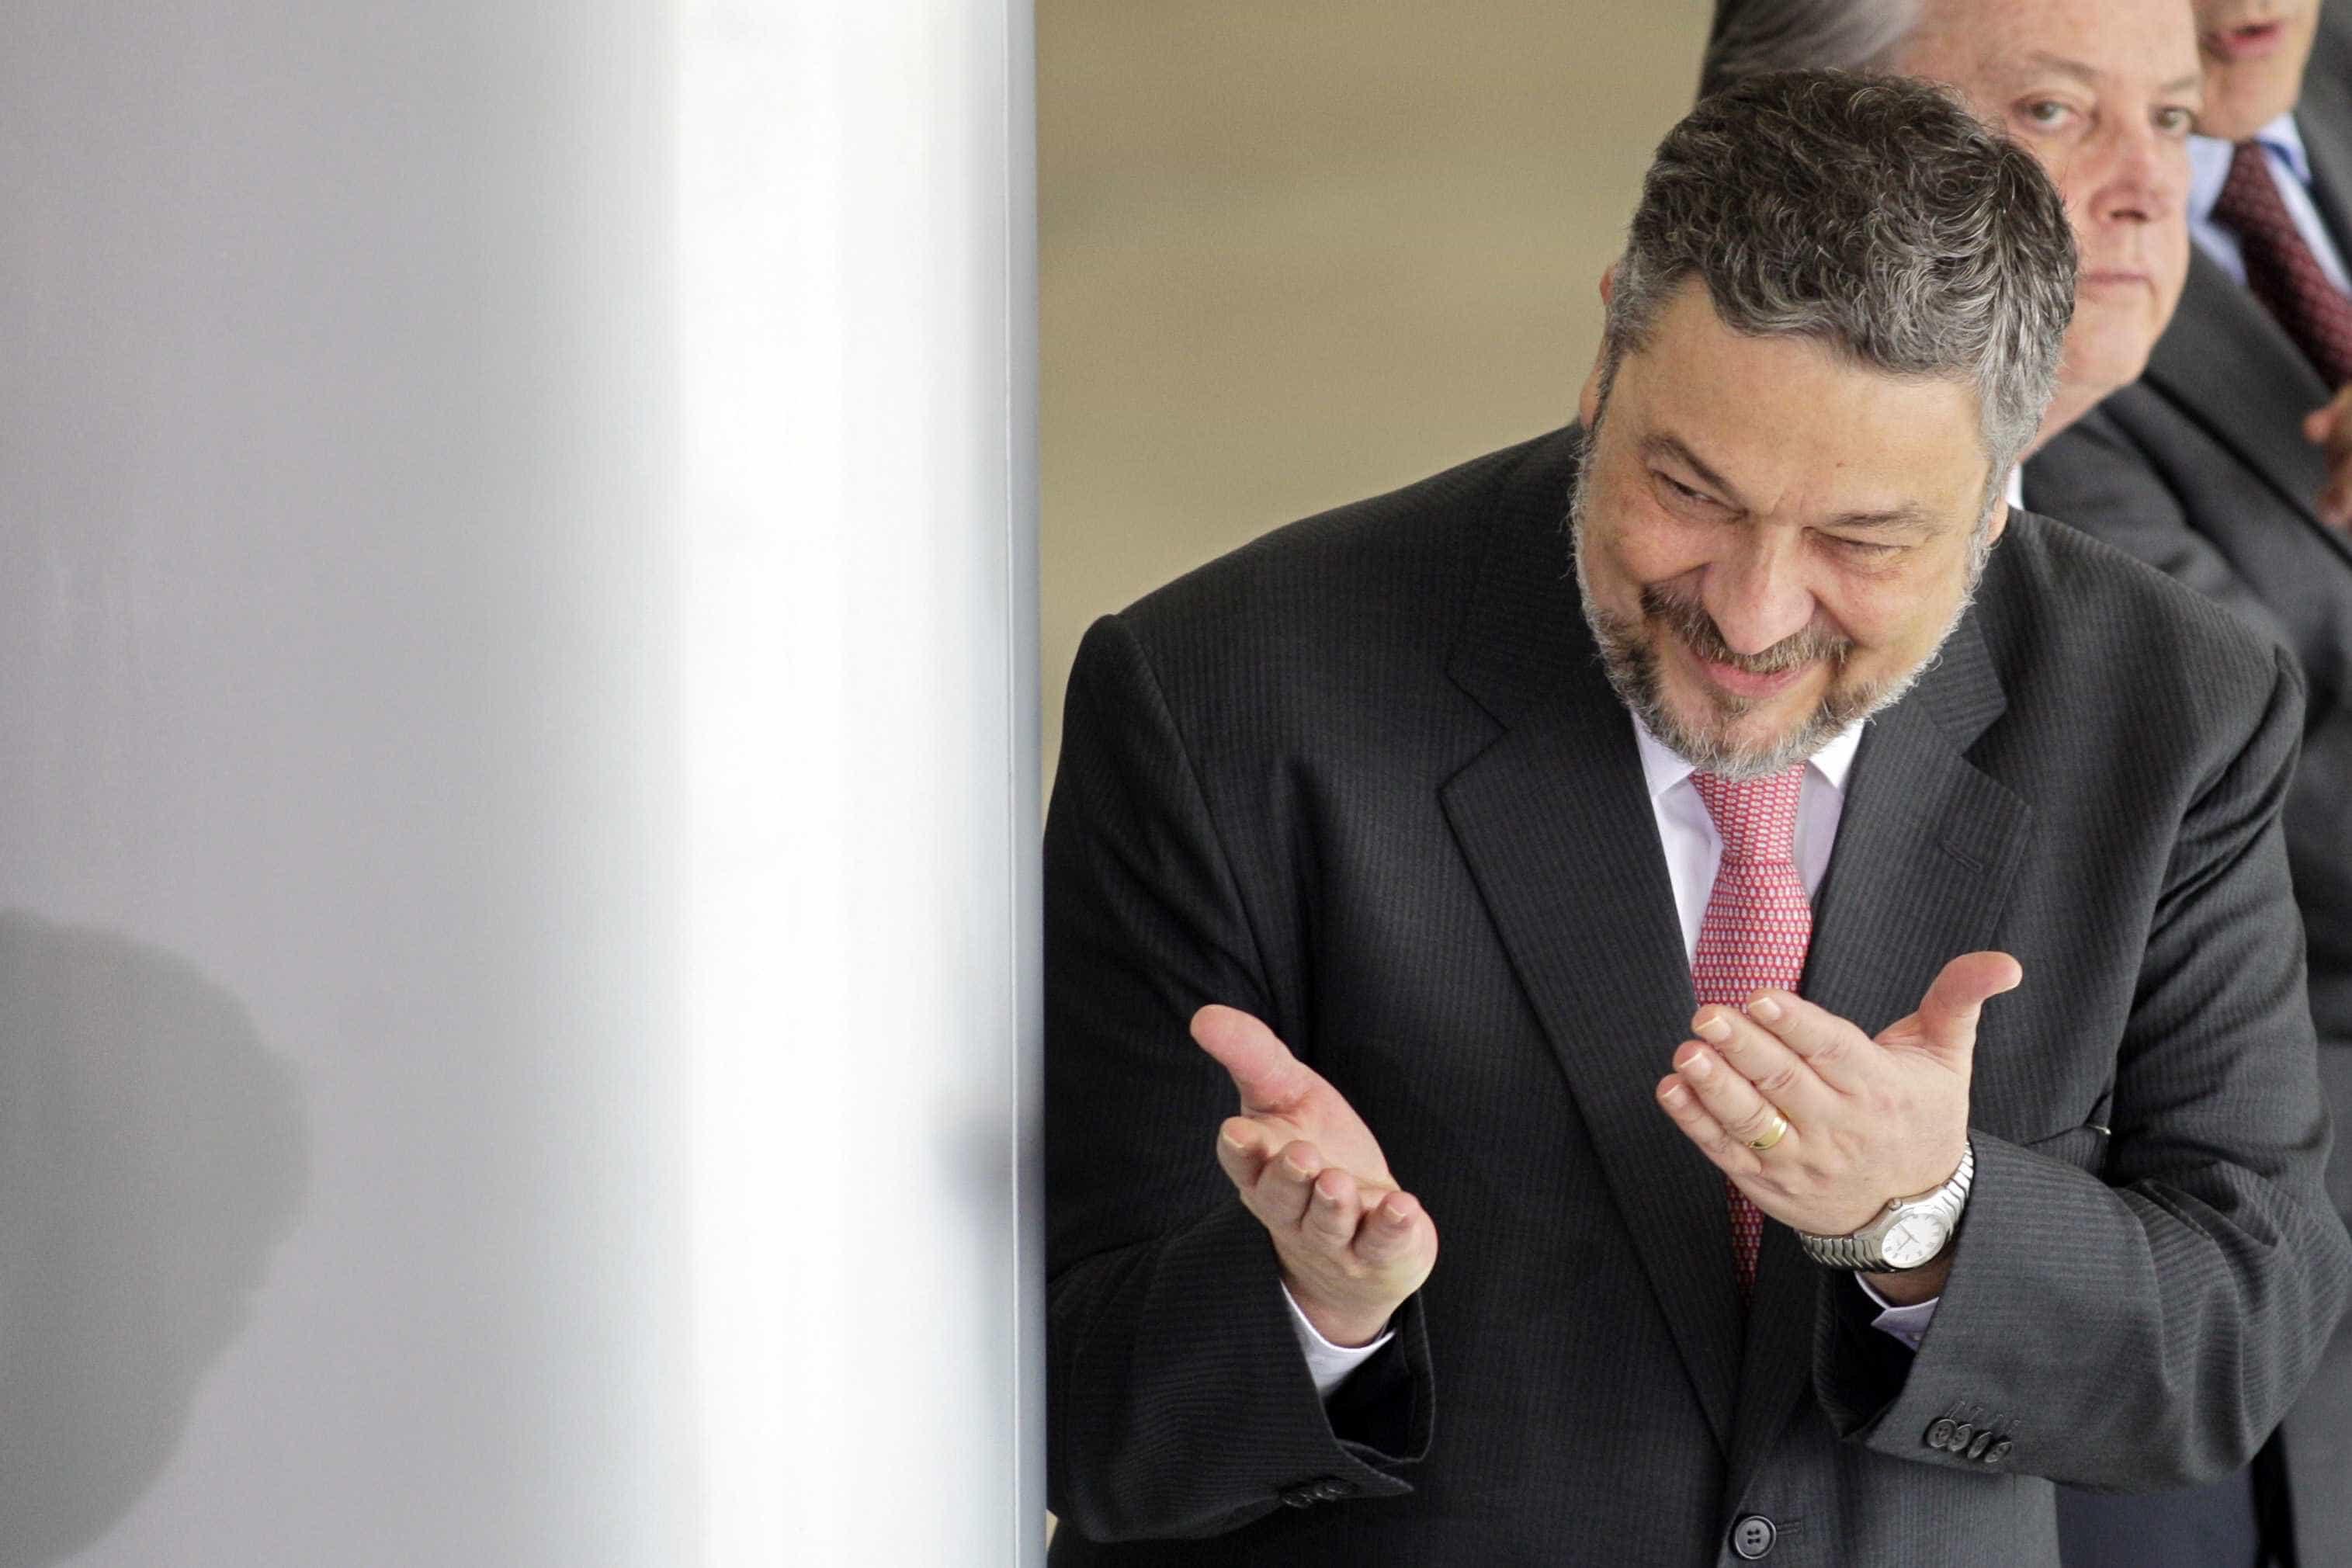 Campanha de Dilma recebeu propina em conta de Joesley, diz Palocci